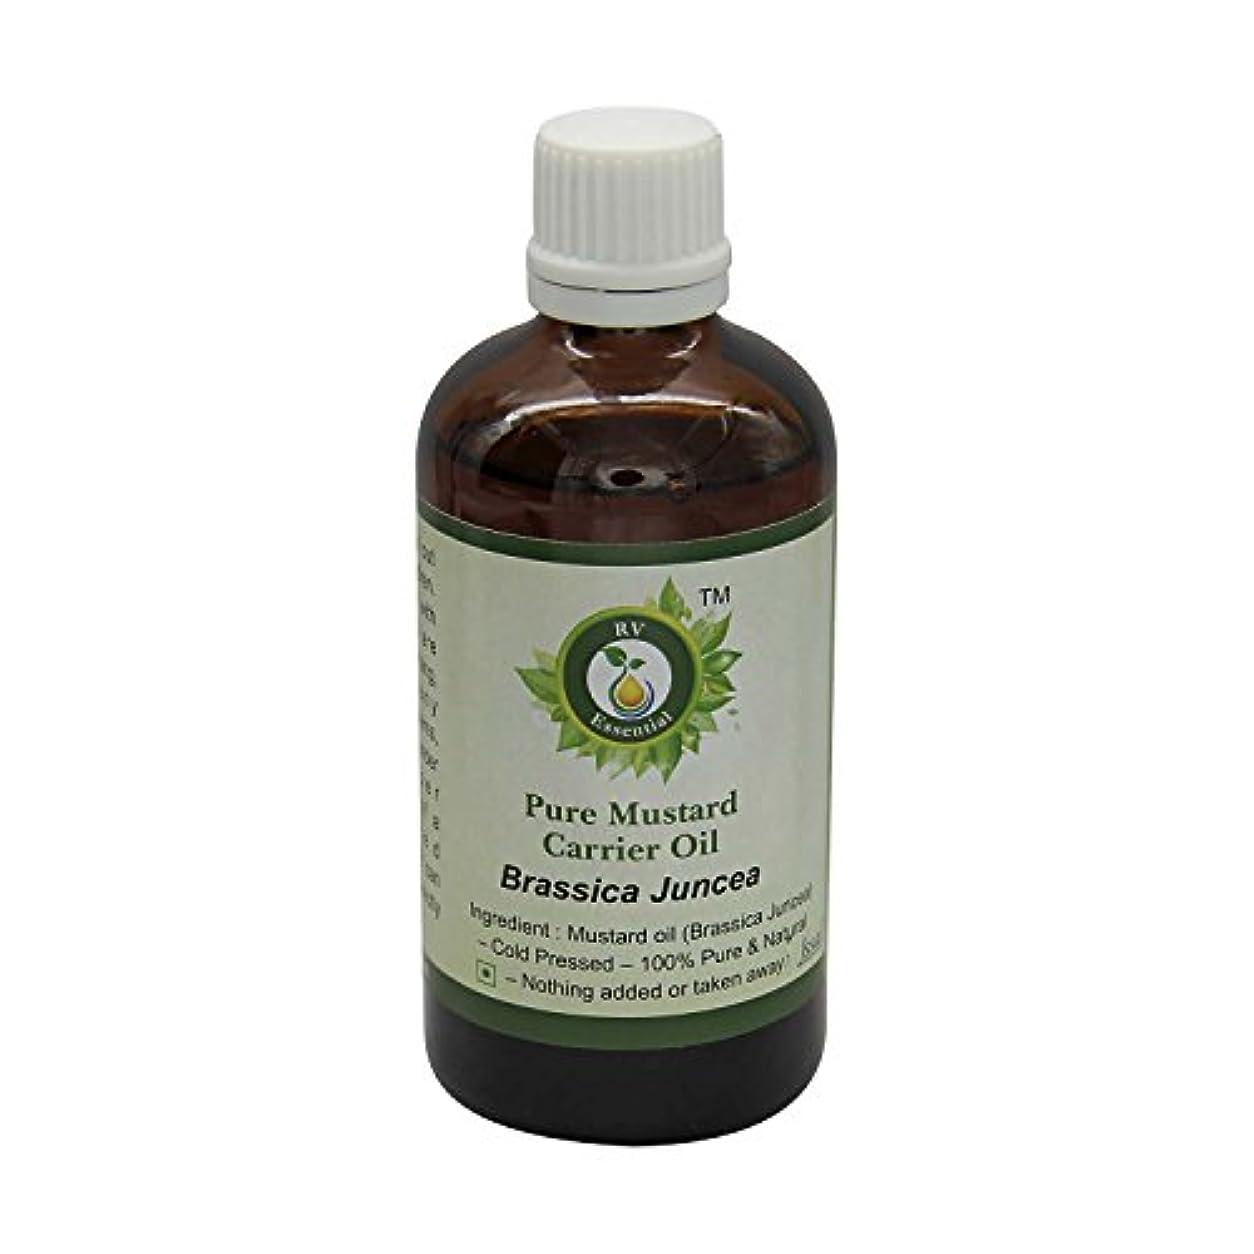 弾力性のある前書き荒野R V Essential 純粋なマスタードキャリアオイル10ml (0.338oz)- Brassica Juncea (100%ピュア&ナチュラルコールドPressed) Pure Mustard Carrier Oil